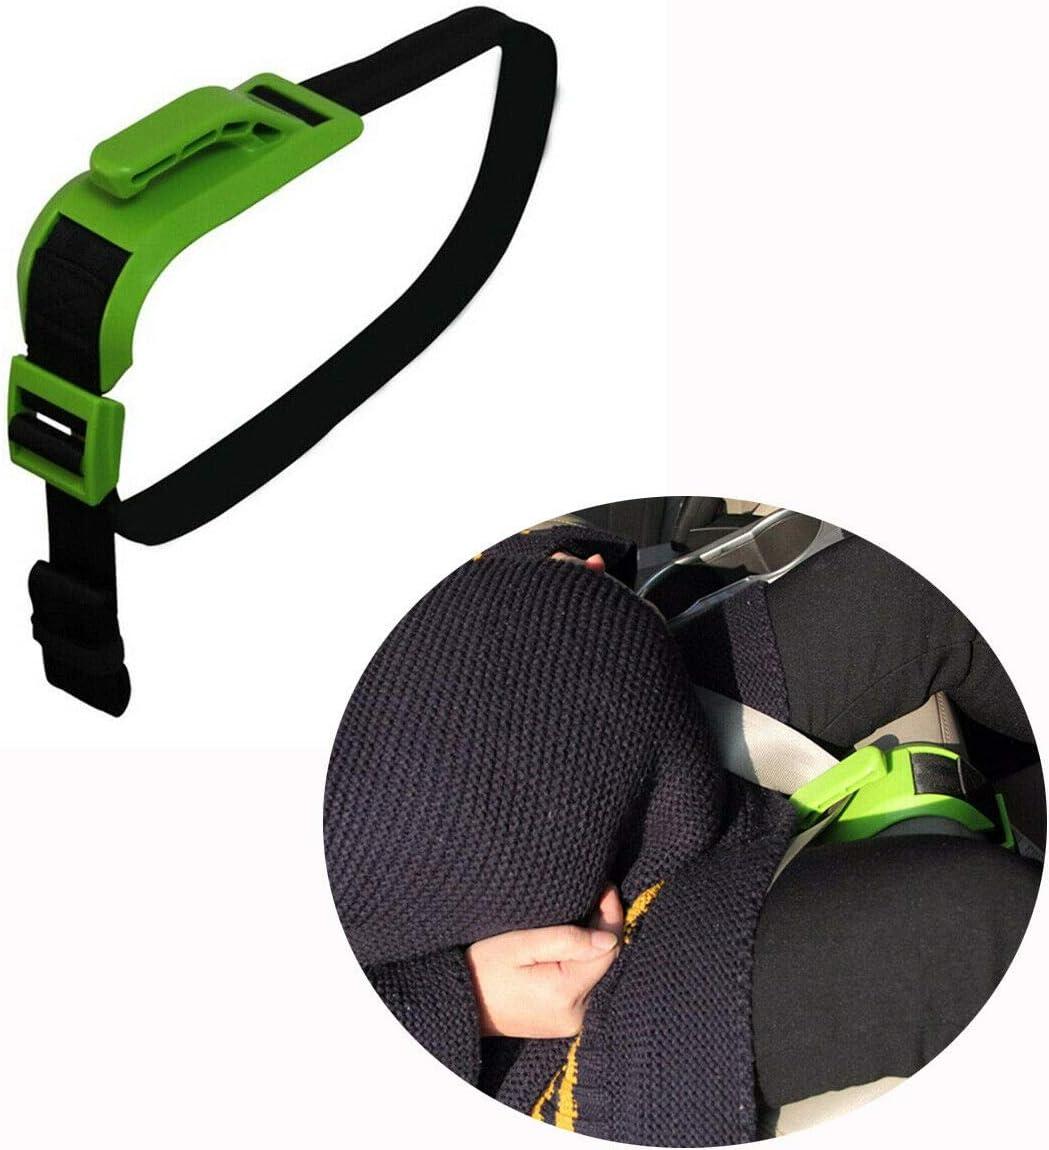 2.36 Vert R/égulateur sp/écial anti-ceinture de voiture /à lint/érieur du pneu avec ceinture de soutien 8.28 Ceinture de s/écurit/é pour femme enceinte 3.54